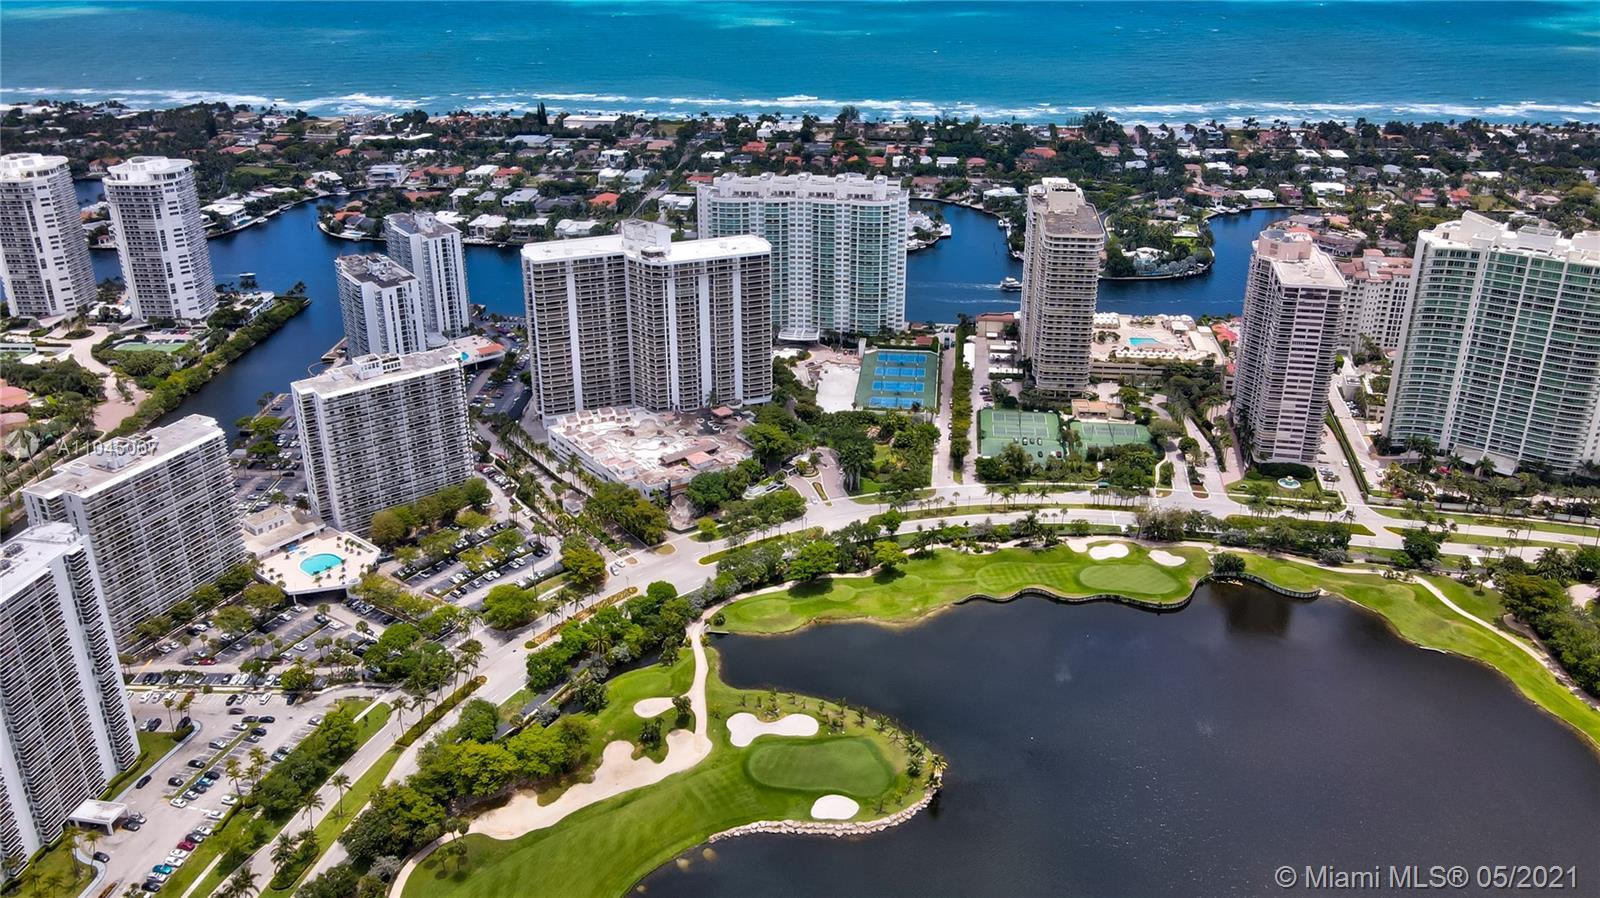 Photo of 20281 Country Club Dr #314, Aventura, Florida, 33180 - Hamptons West Condominium